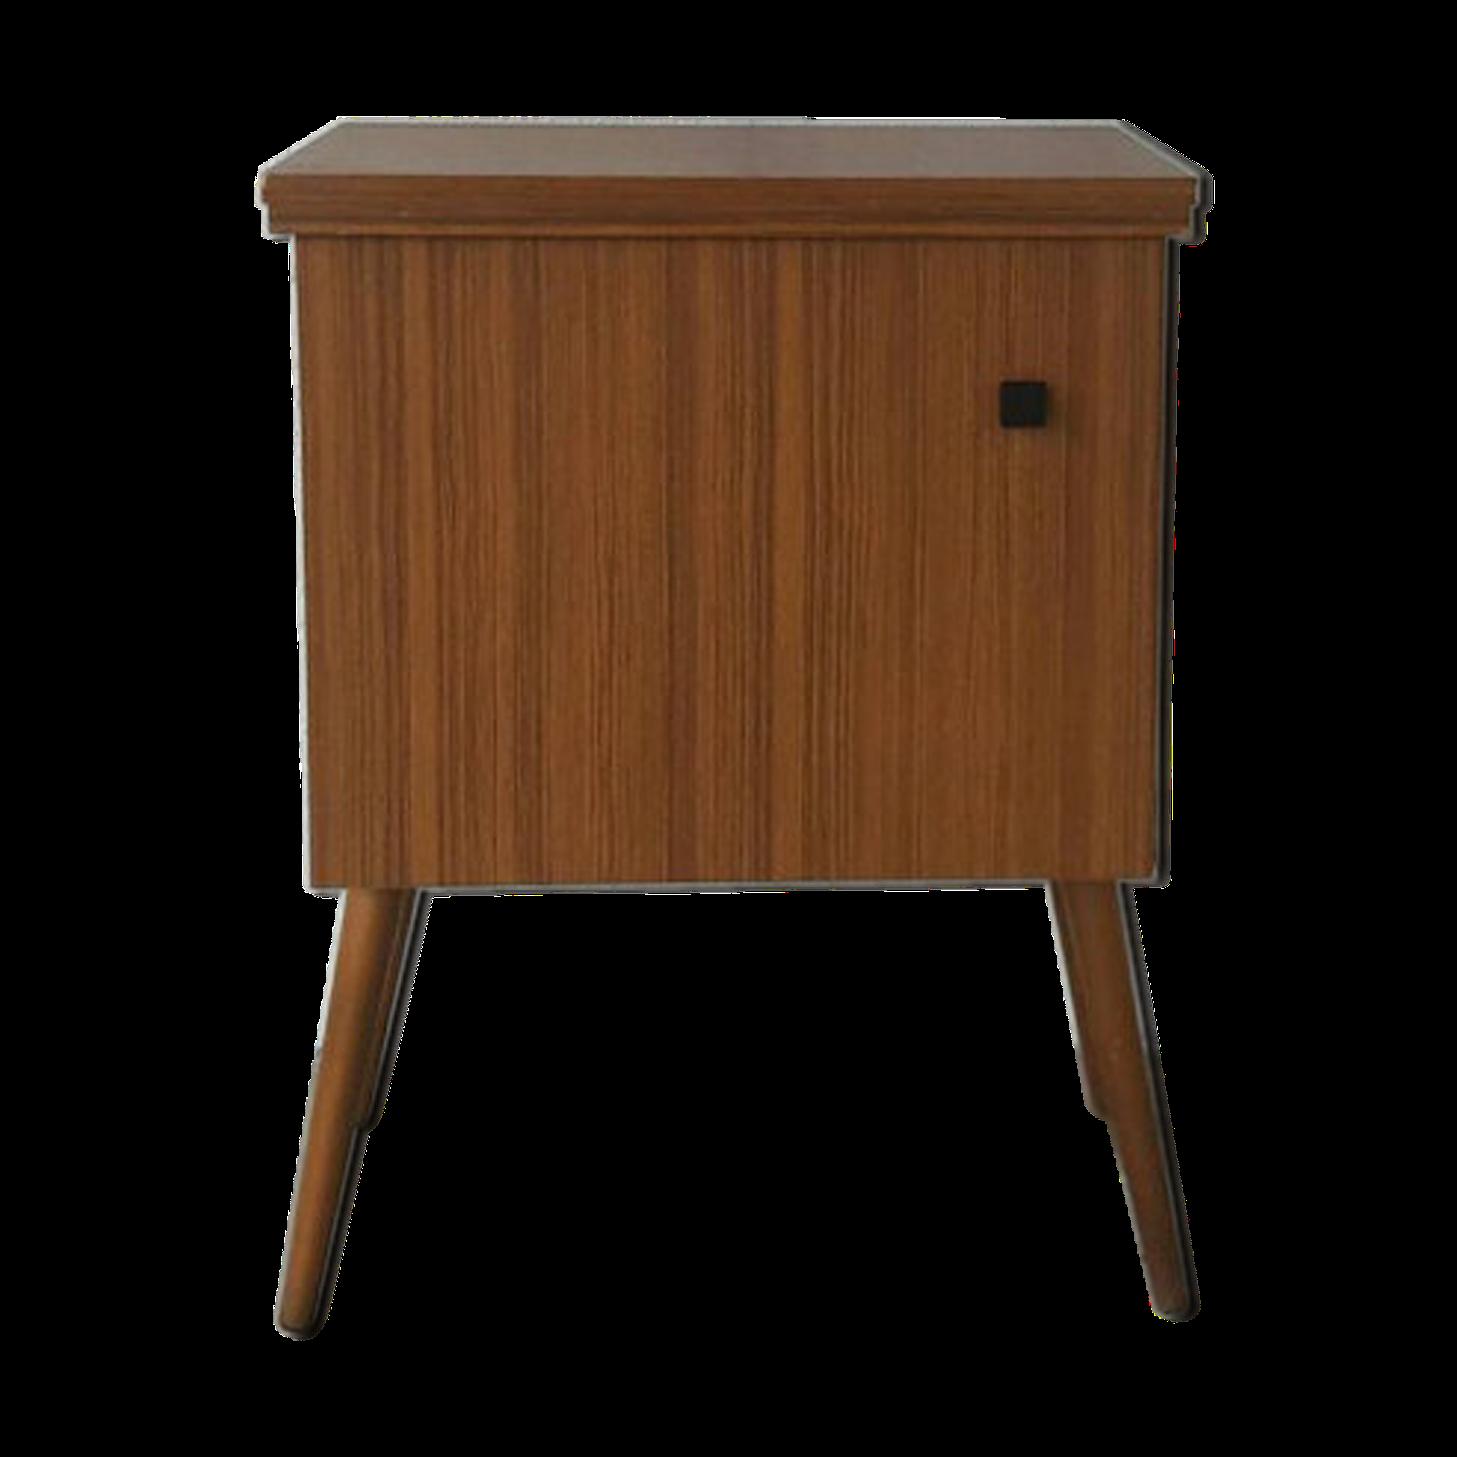 poulailler le bon coin consultez les tableaux de qui a. Black Bedroom Furniture Sets. Home Design Ideas